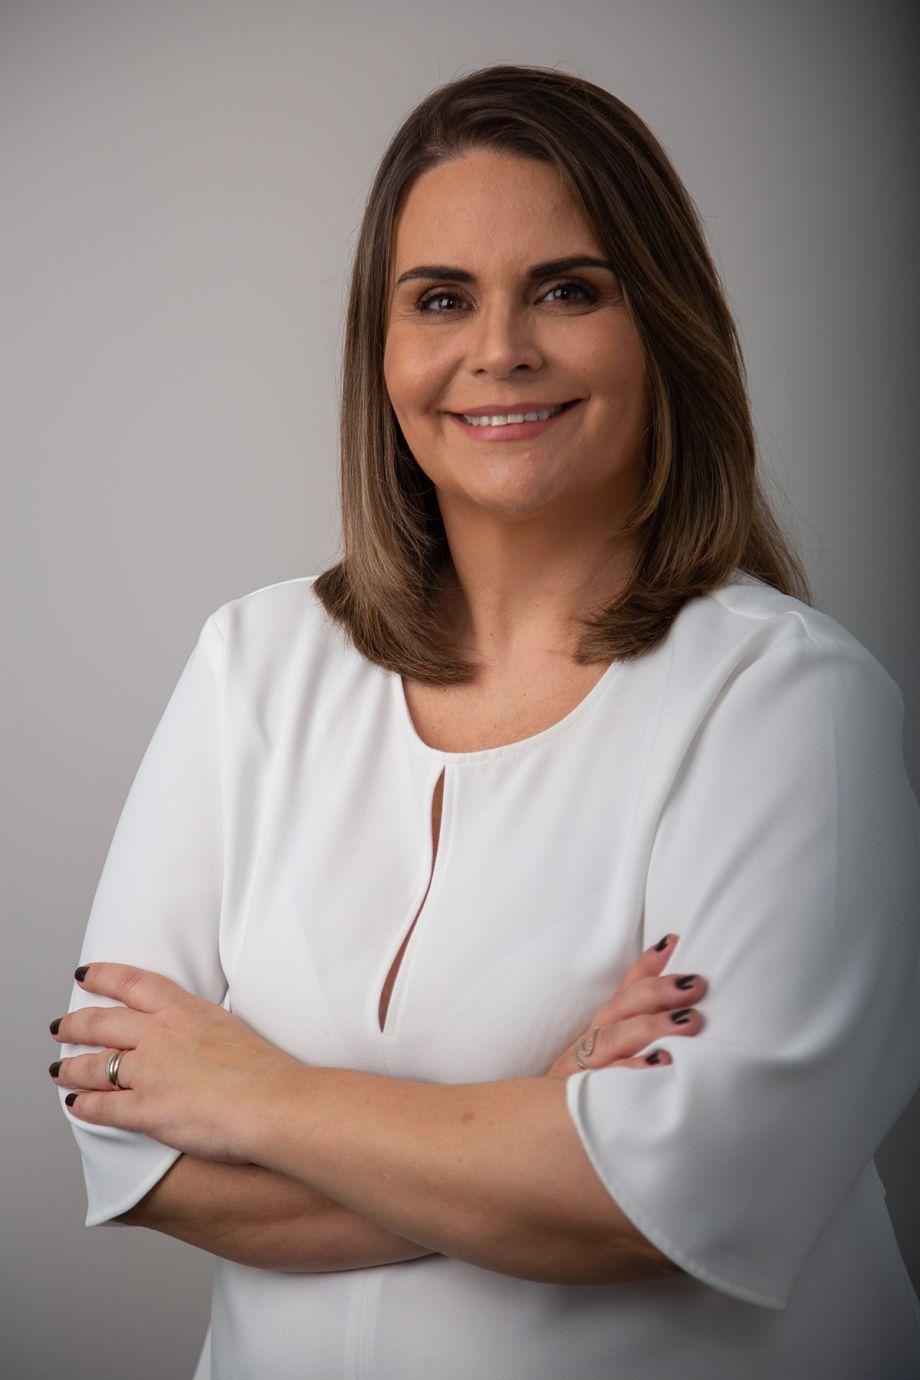 Professora de Direito Empresarial e advogada Alexsandra Marilac Belnoski - Foto: Divulgação